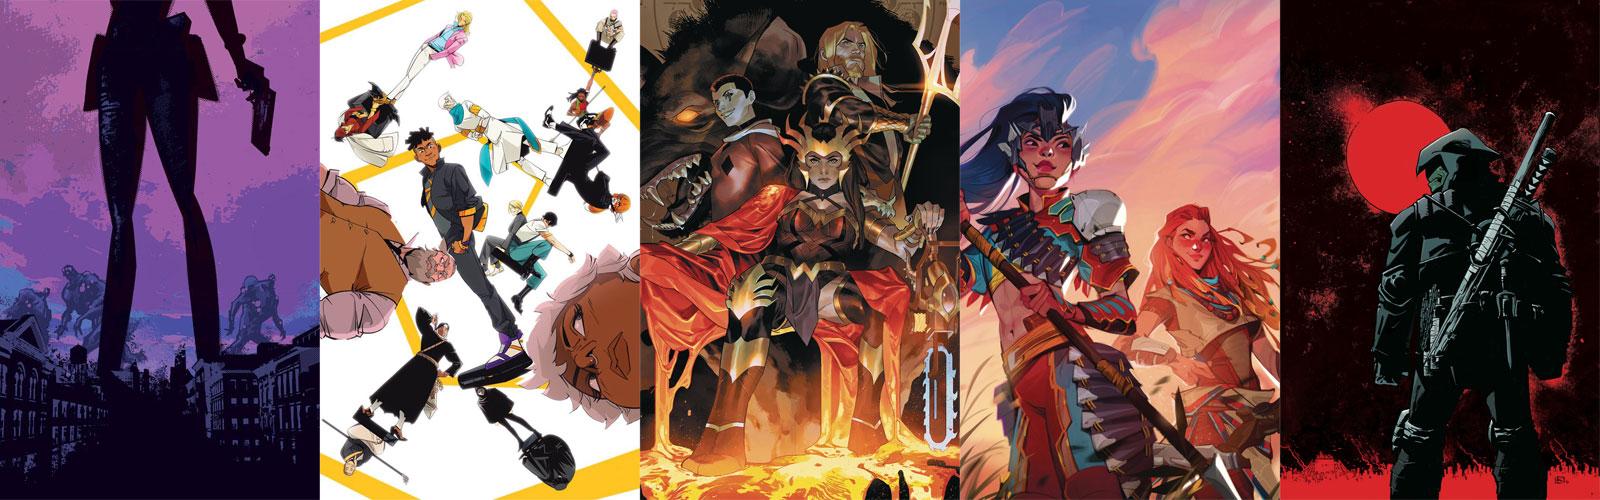 Ace Comics Advance Order List 380